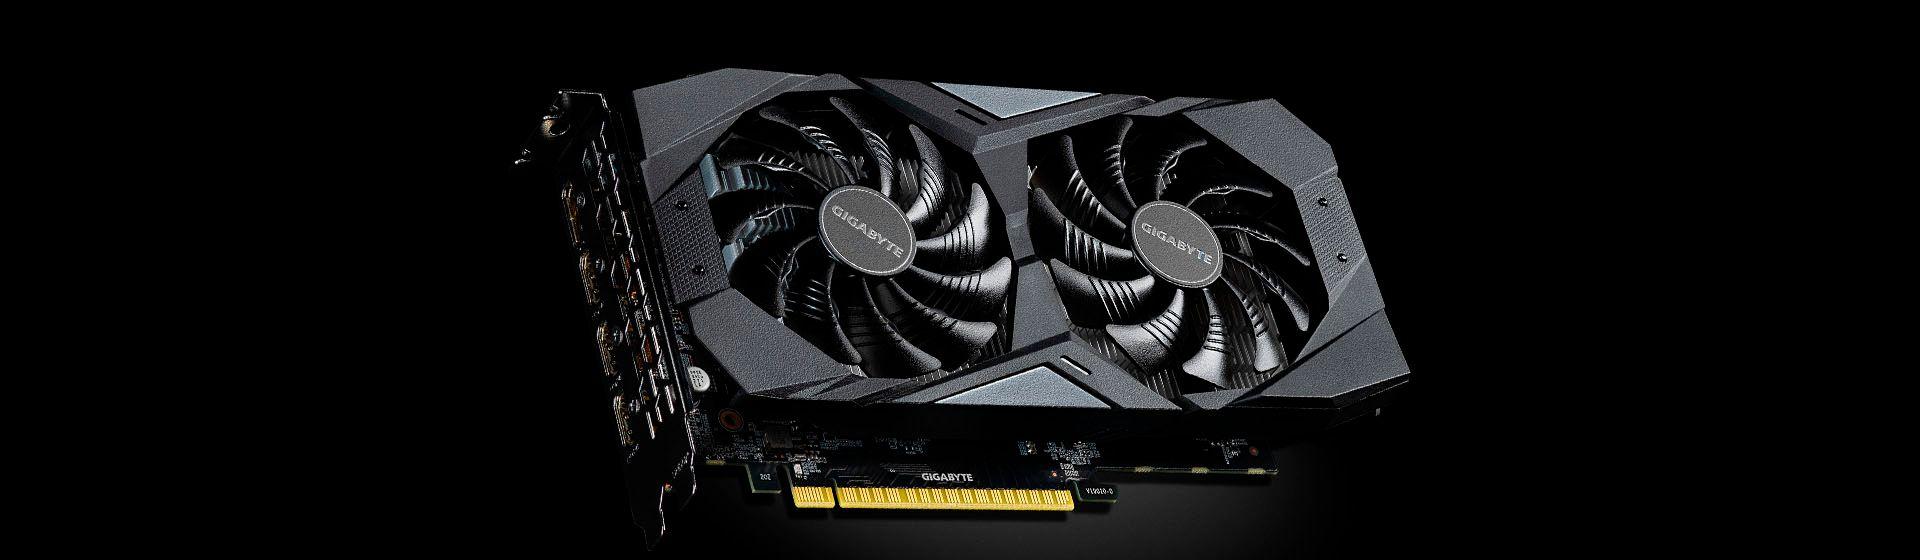 GeForce GTX 1650 é boa? Tudo sobre a placa de vídeo da NVIDIA